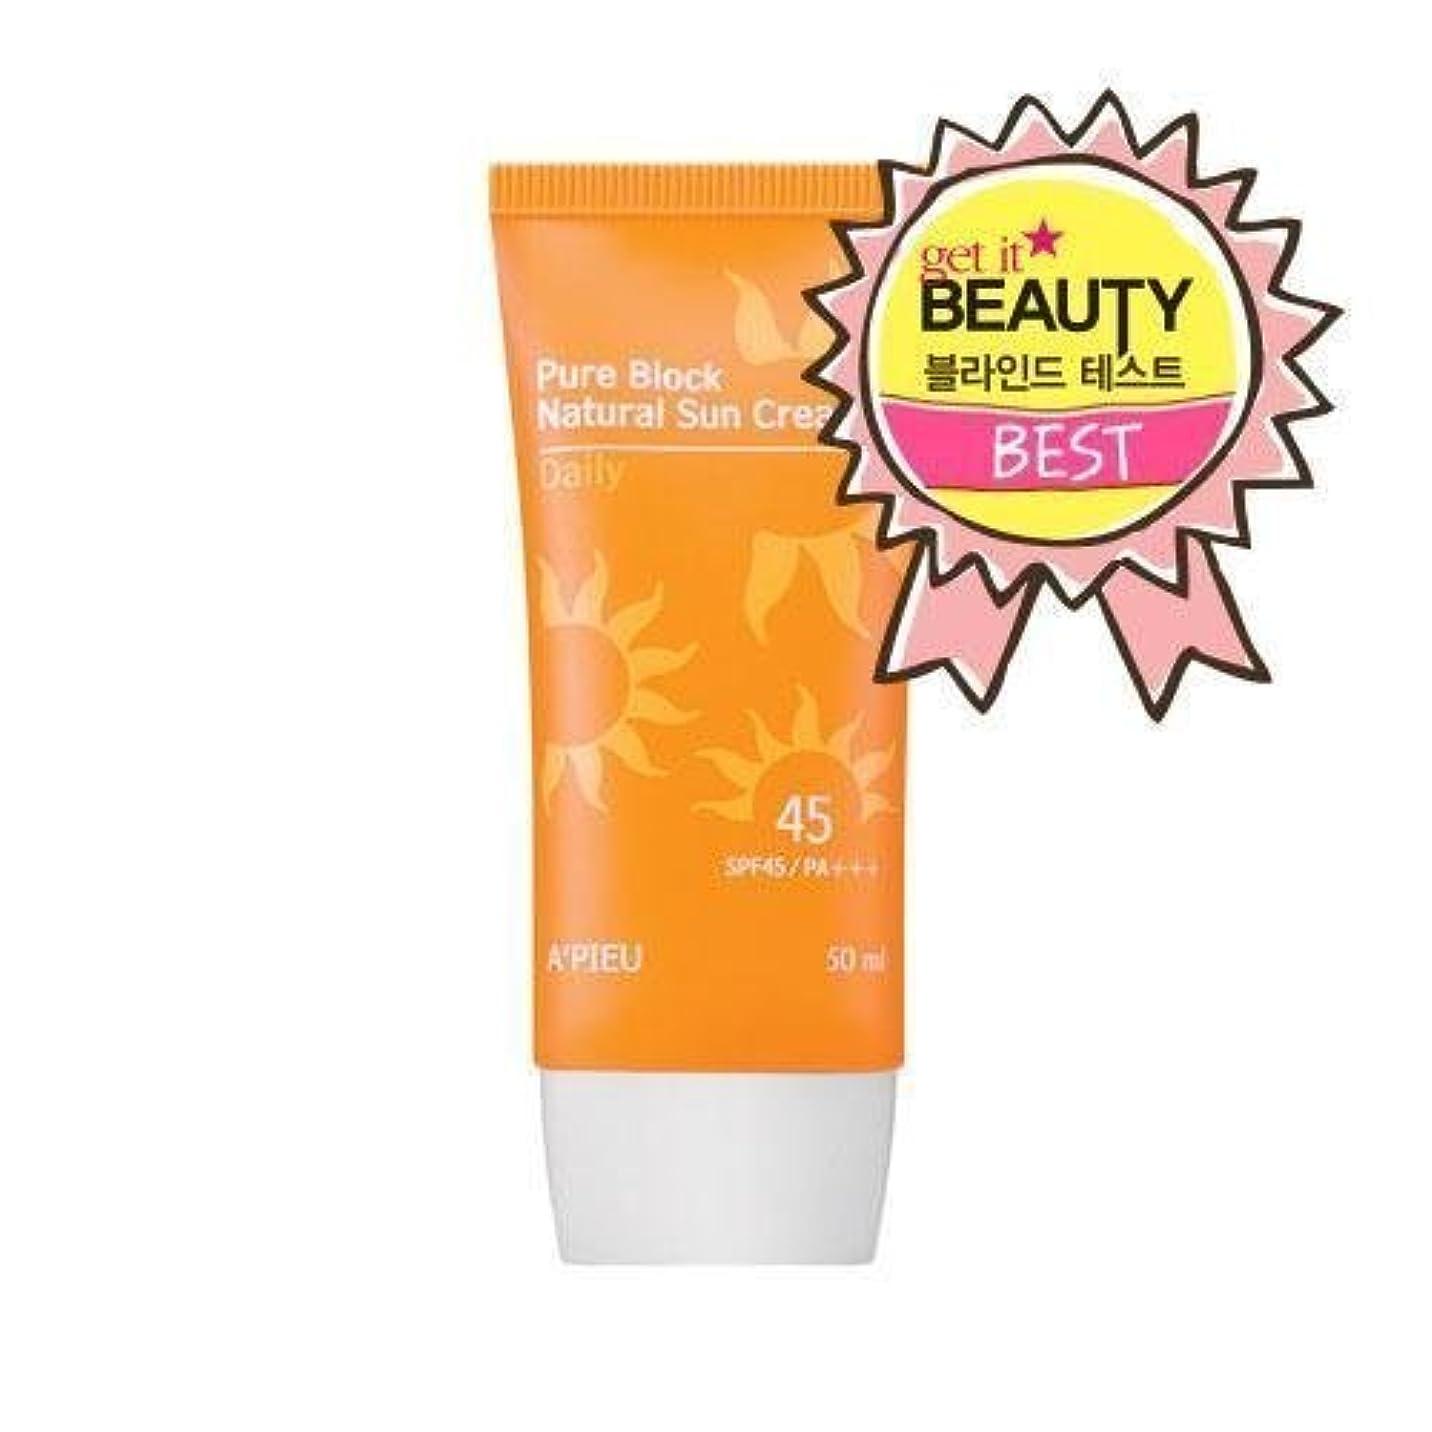 マイルド暗い人口APIEU Pure Natural Daily Sun Cream (SPF45/PA+++)/ Made in Korea